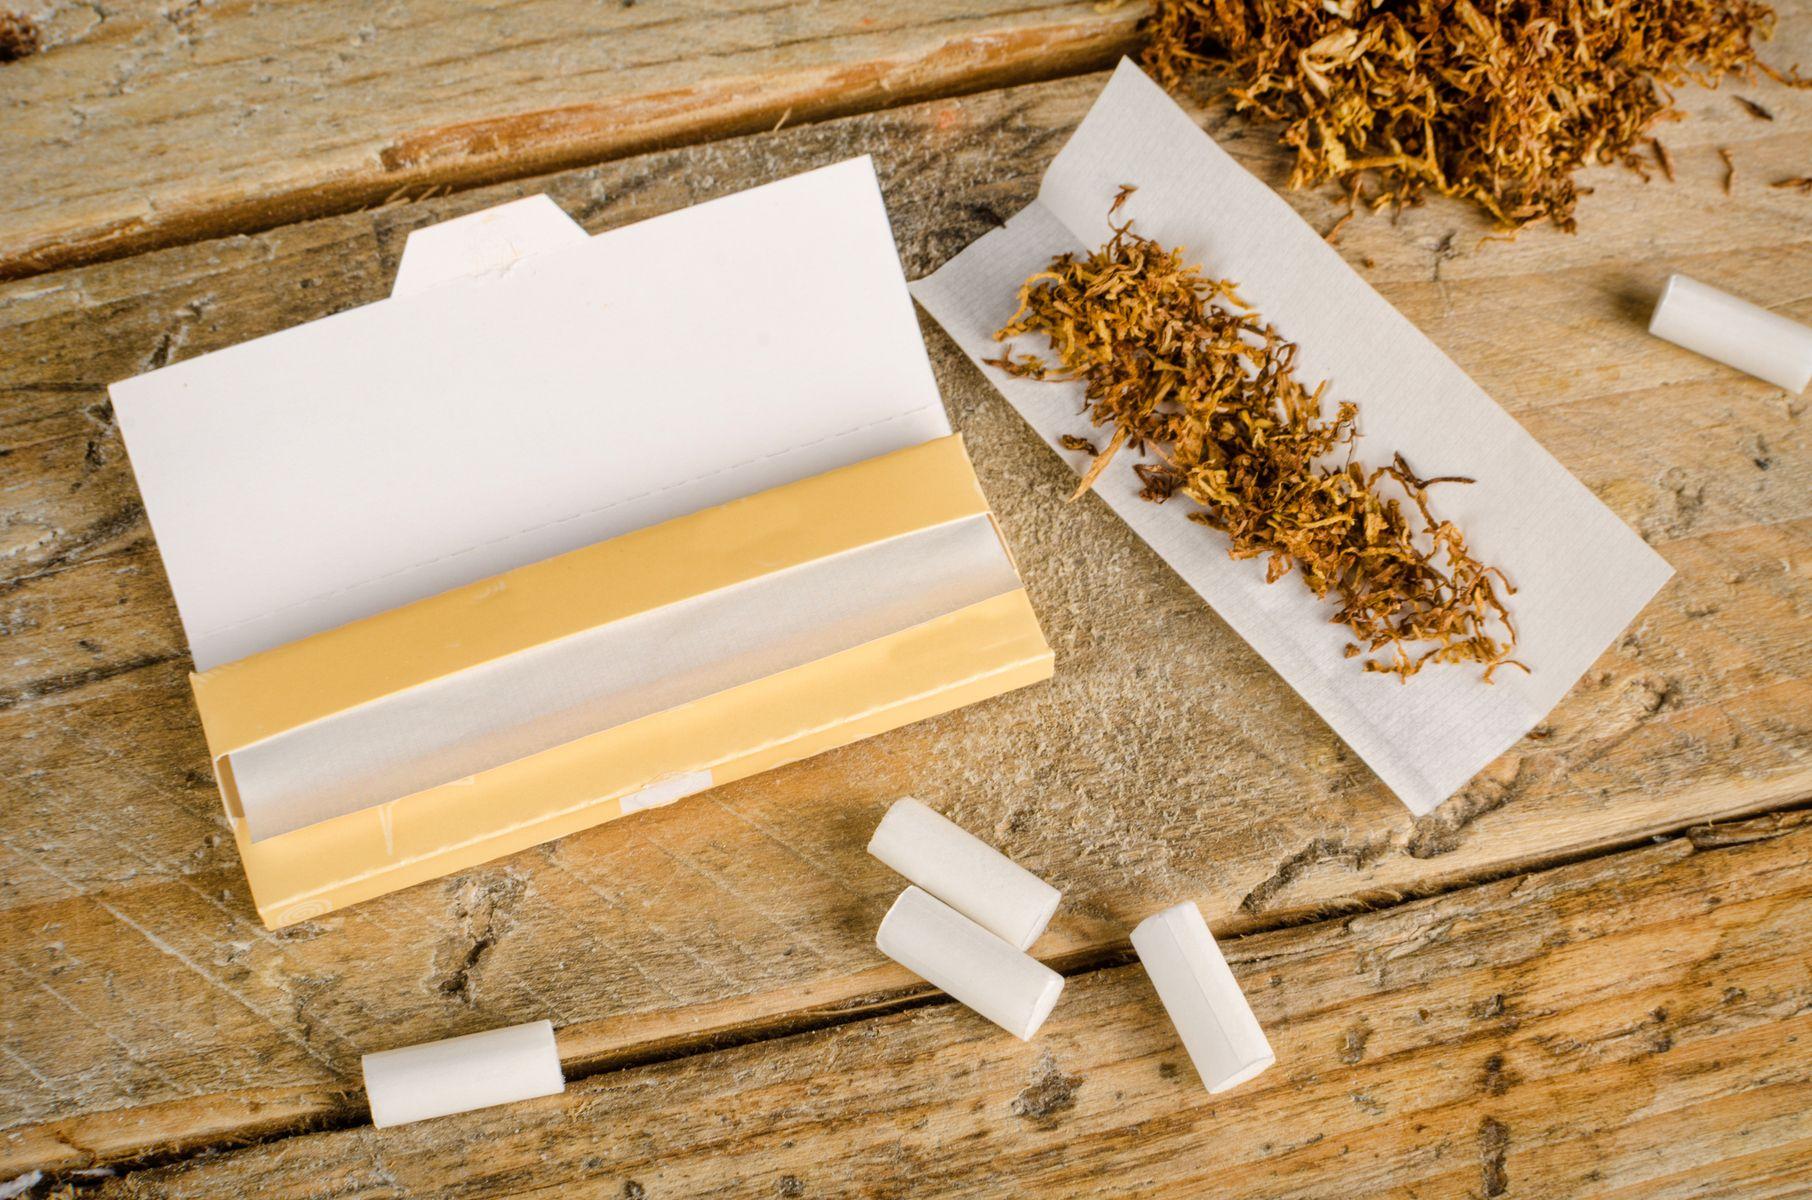 Venta de tabaco en Santander